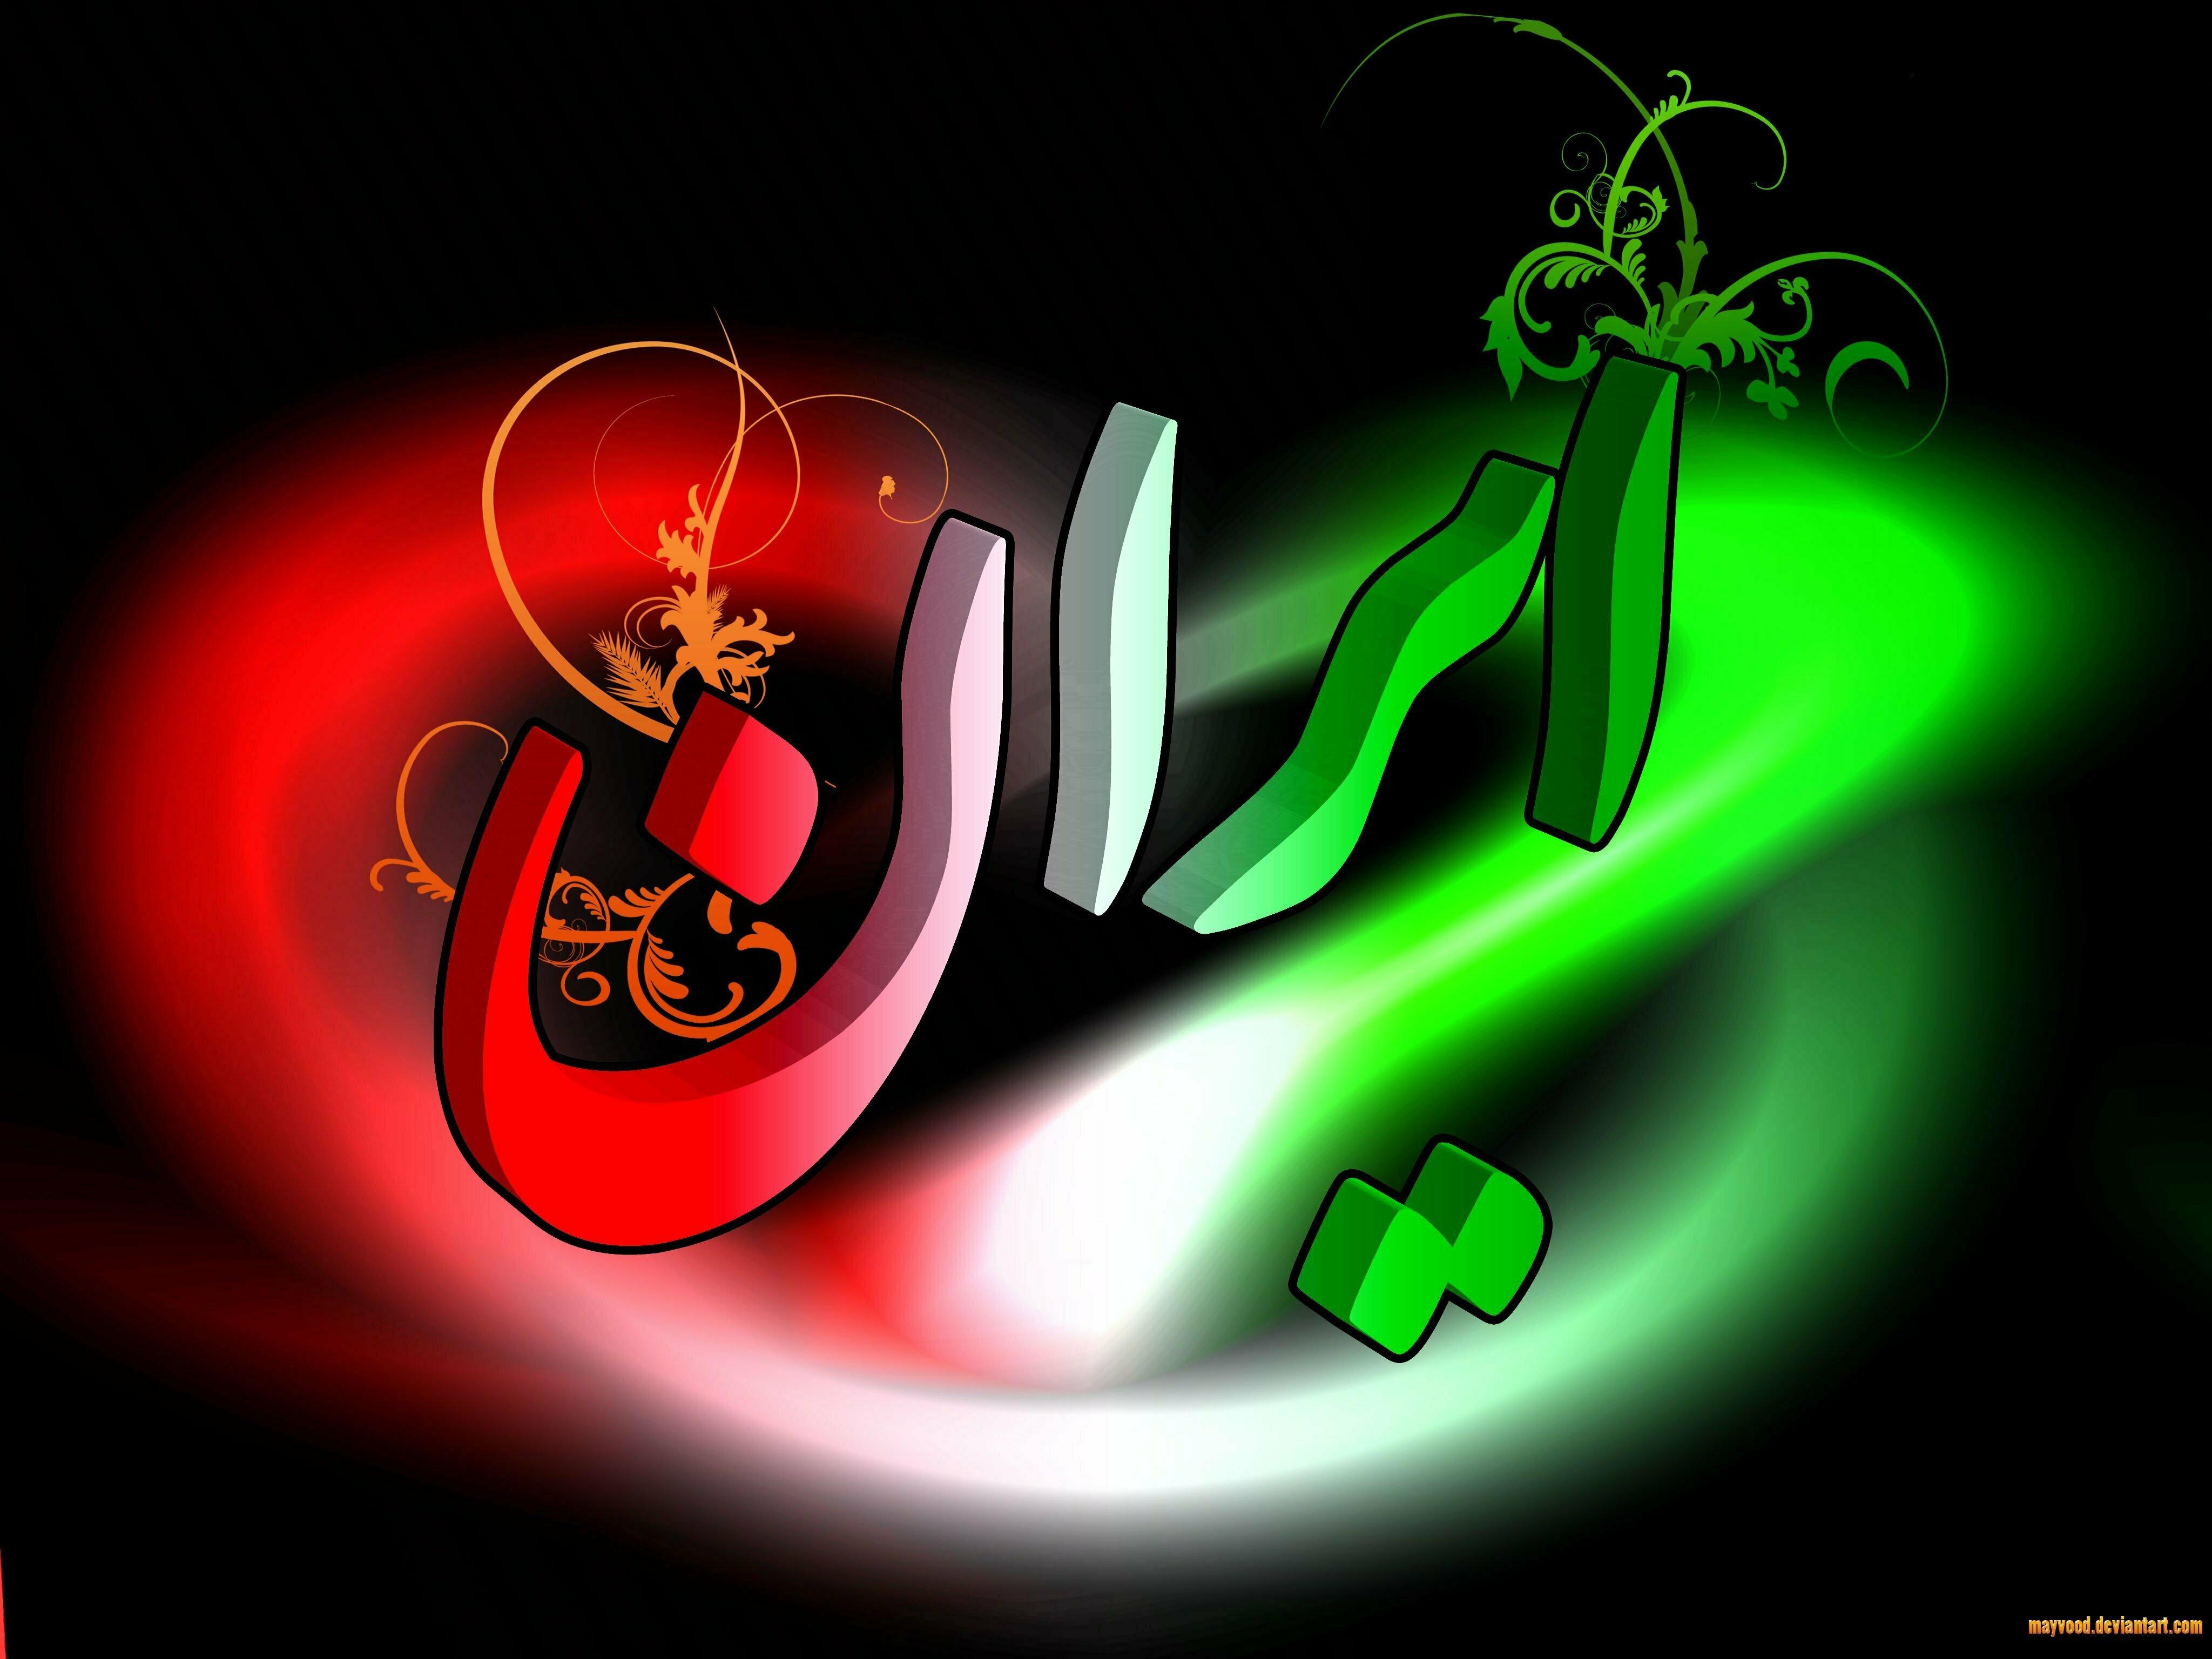 در ایرانیبودن نه فضیلتی است، نه رذیلتی